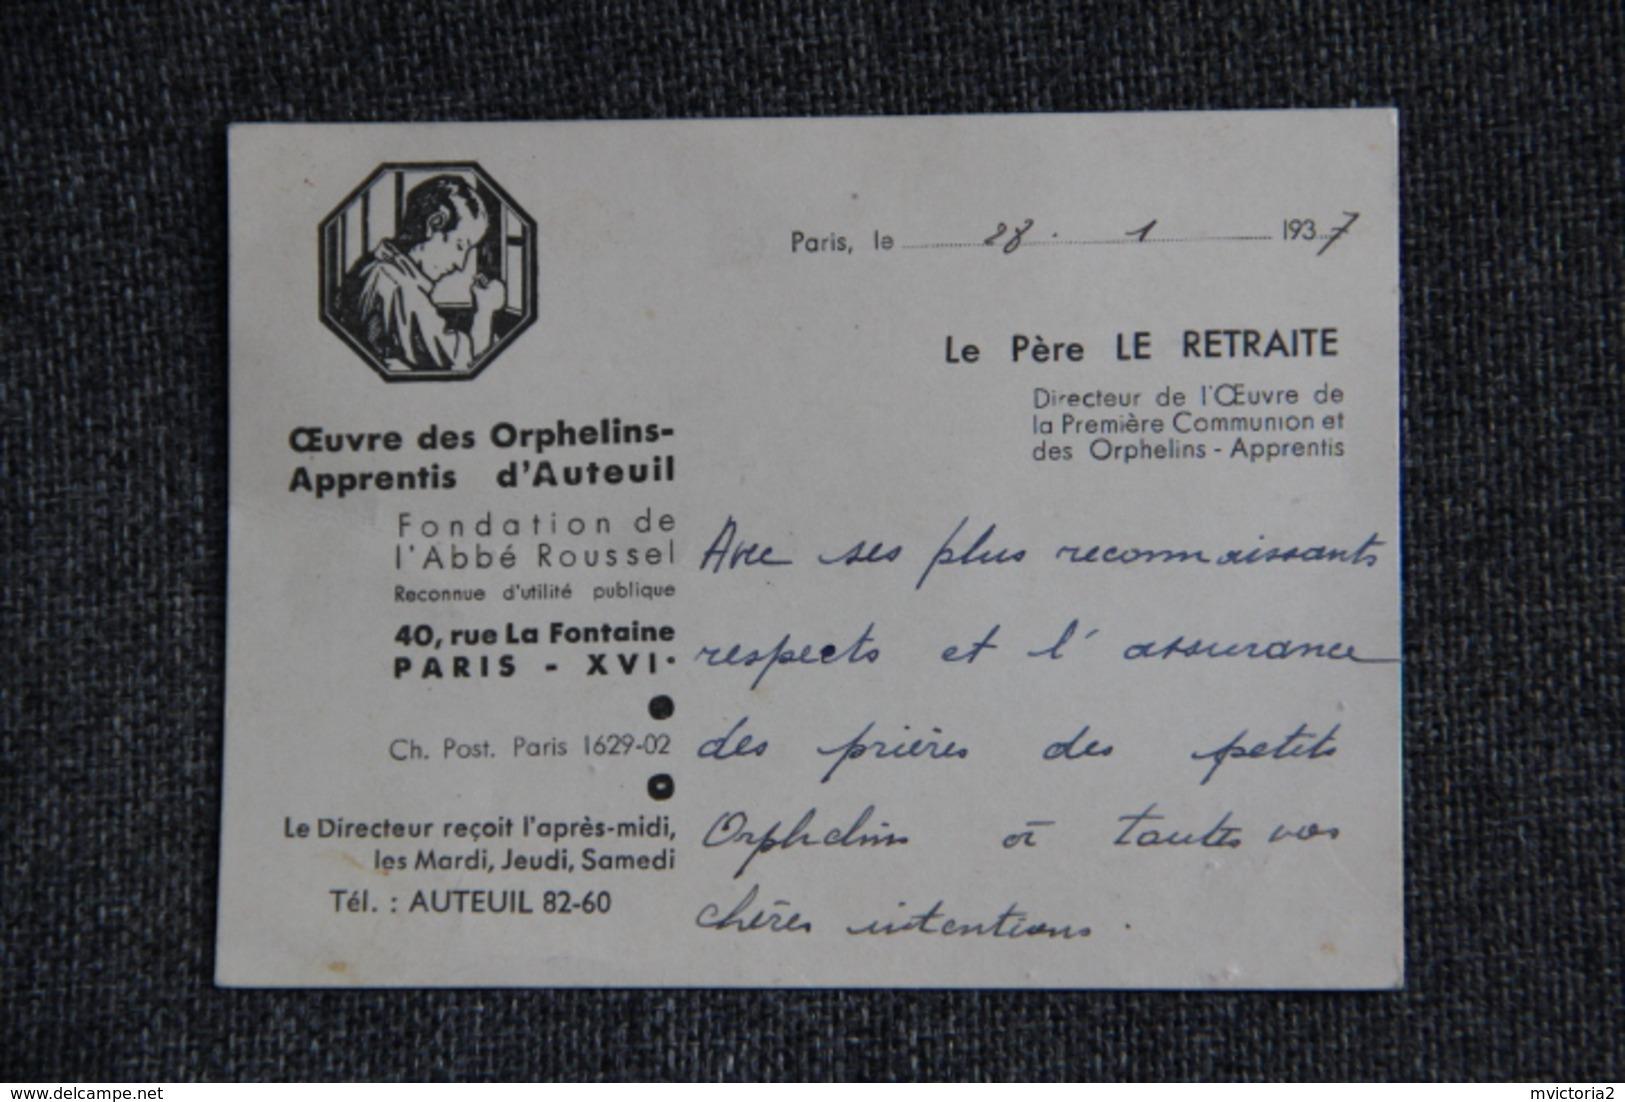 CARTE De Visite Du Père LE RETRAITE, Directeur Des Œuvres Des Orphelins Apprentis D' AUTEUIL, 1937. - Visitekaartjes